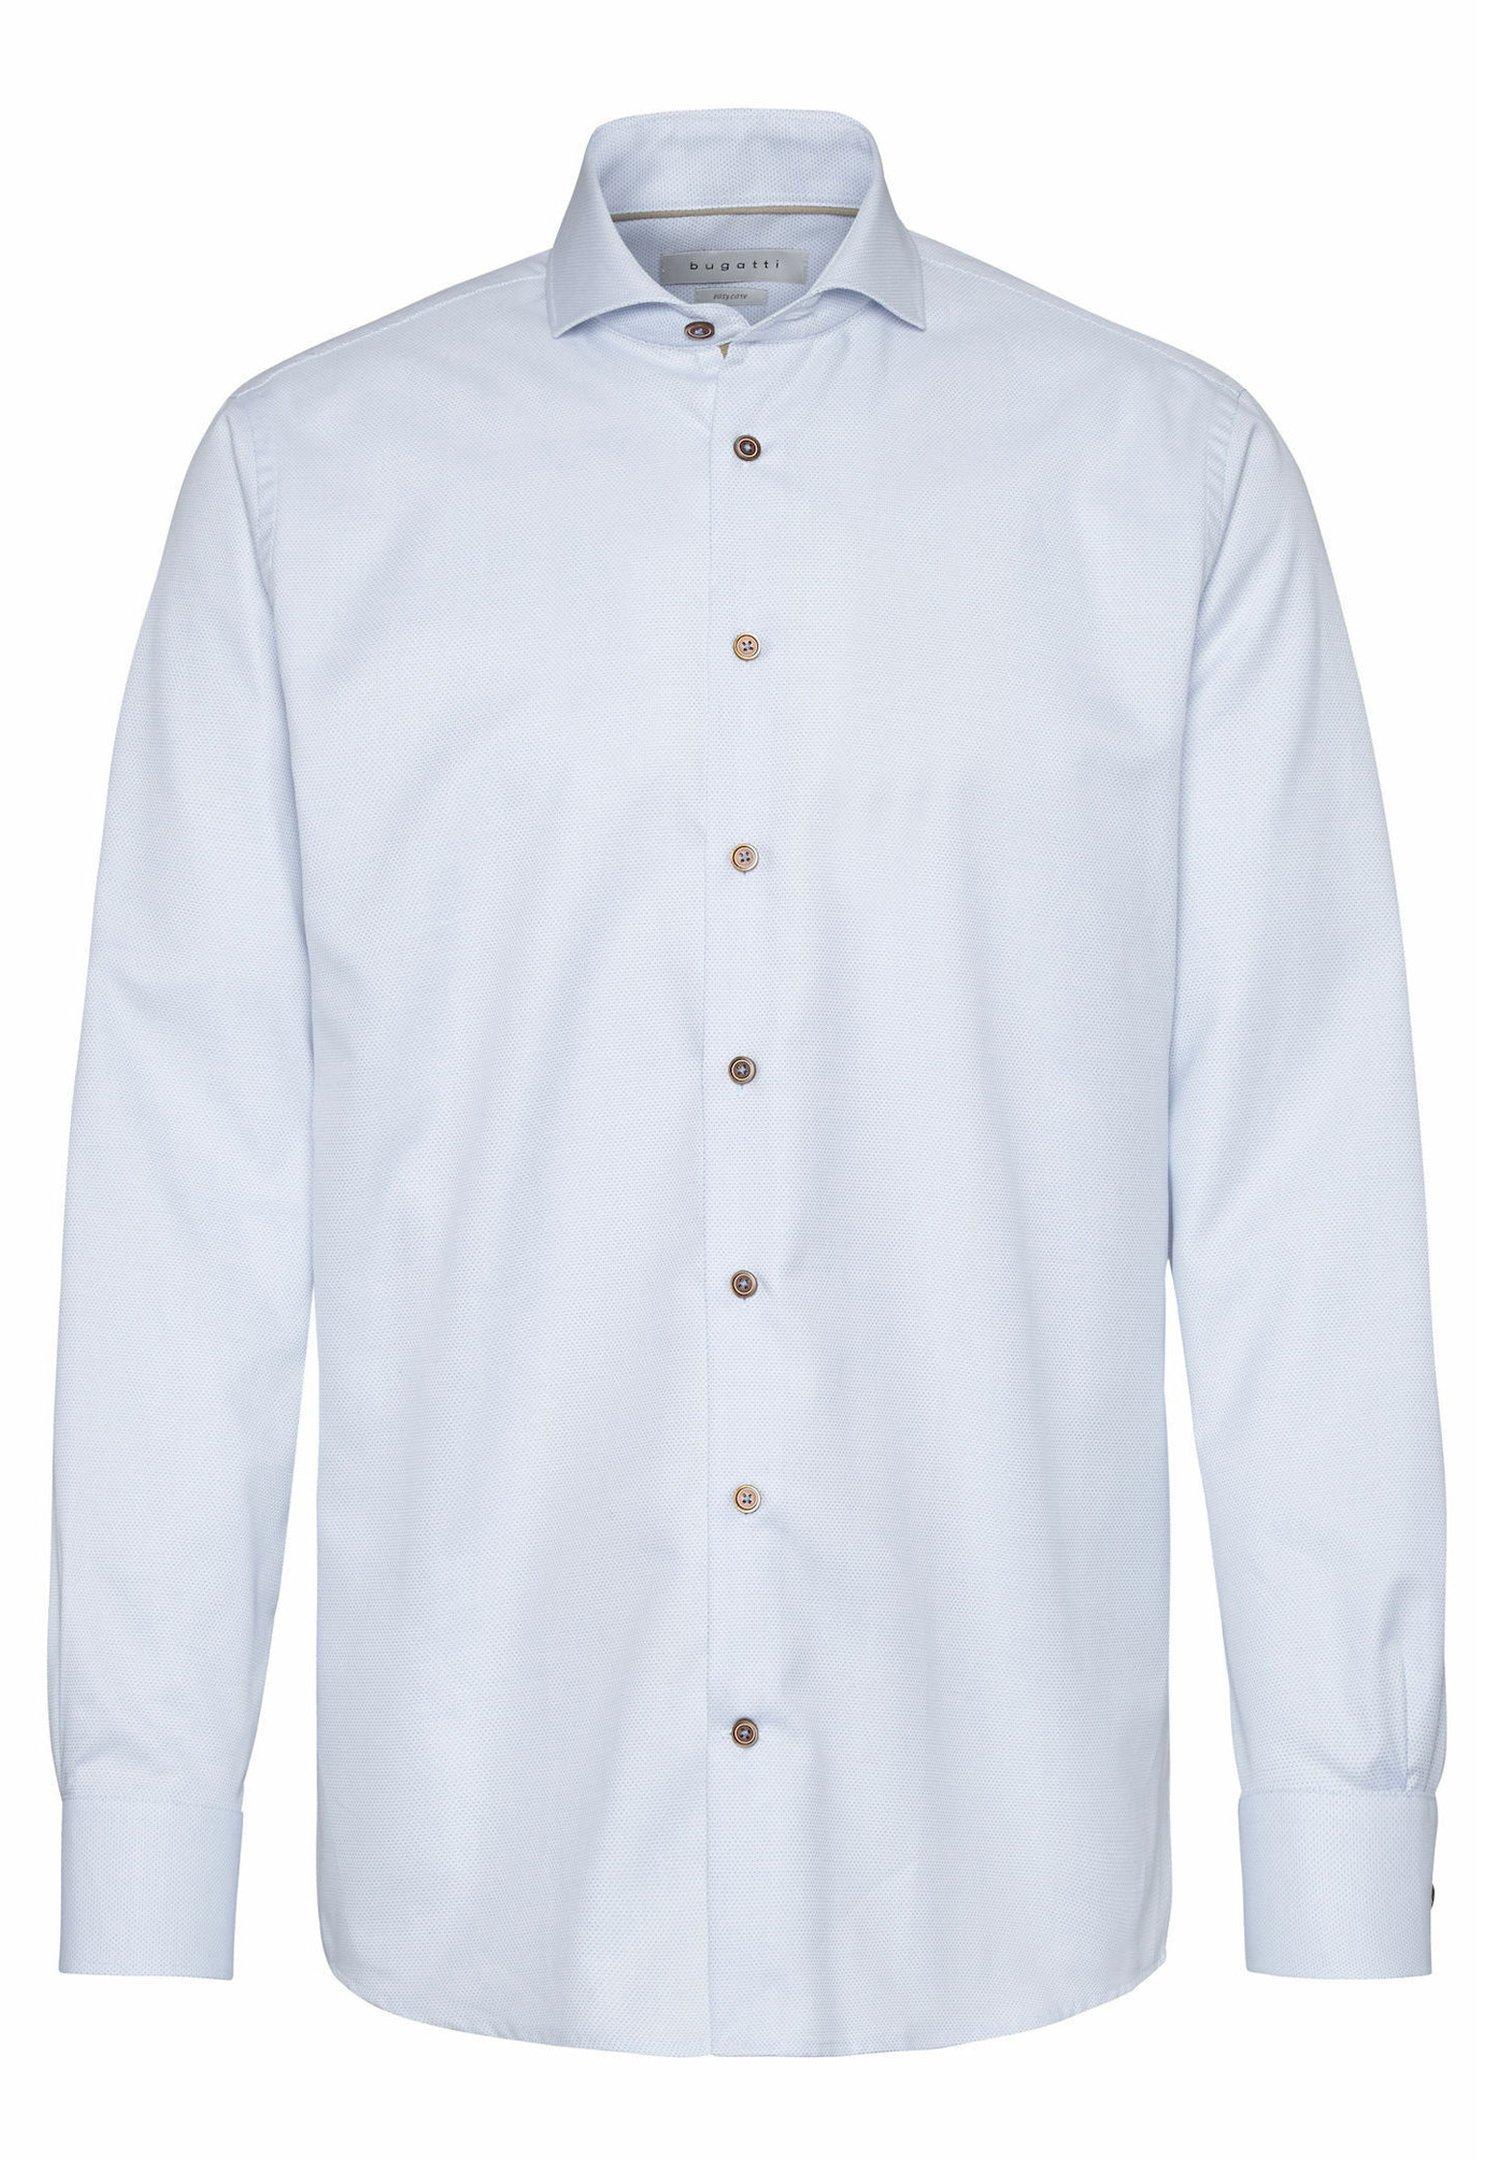 Bugatti Shirt - hellblau